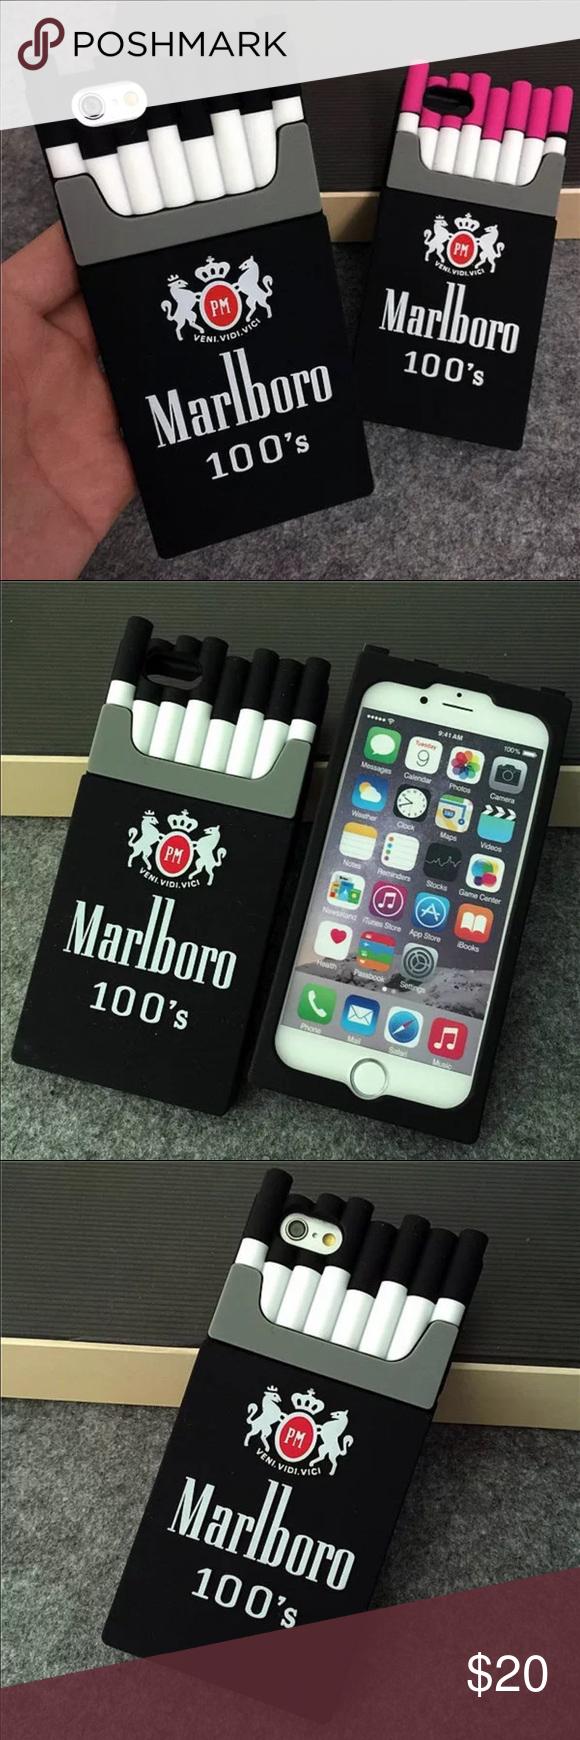 iphone6s/6plus Marlboro cigarette box Phone Case Marlboro